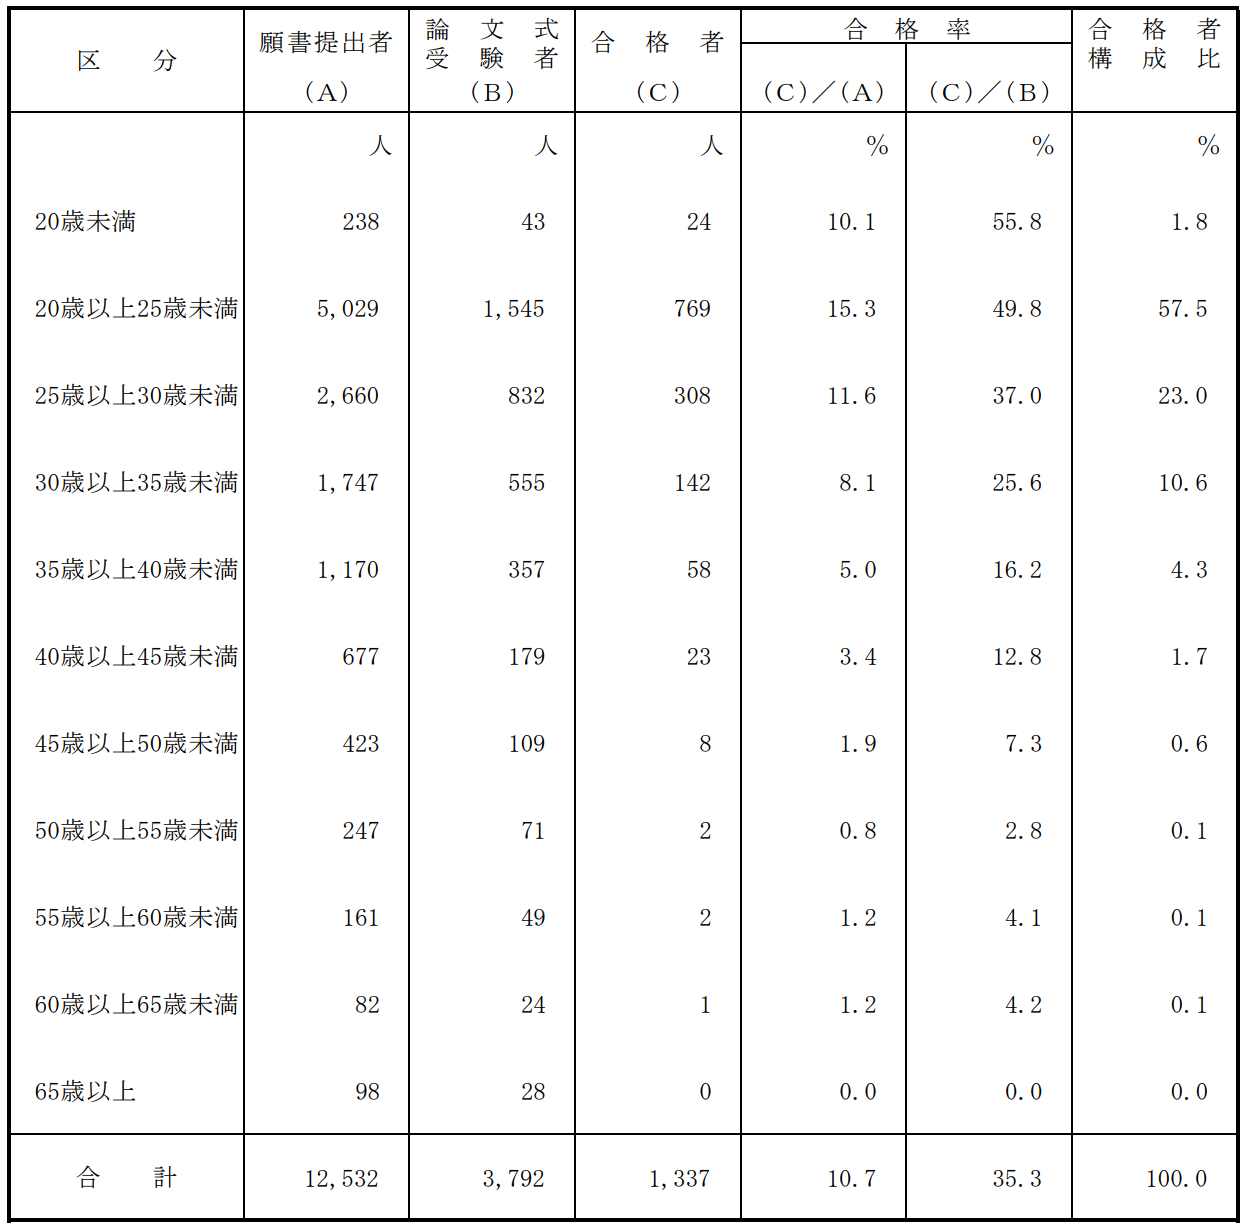 公認会計士試験合格者年齢別分布